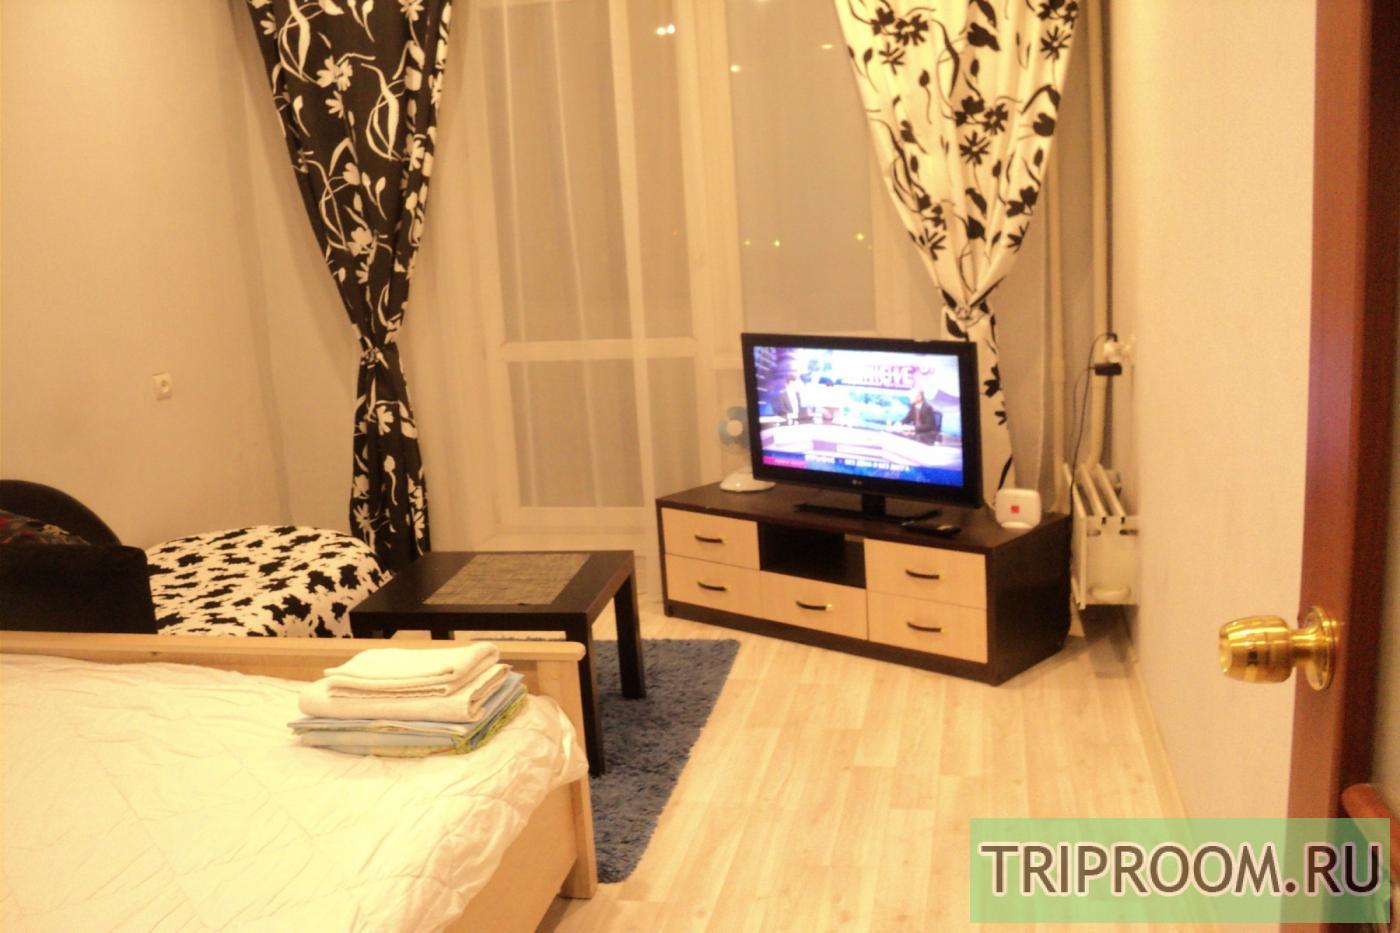 1-комнатная квартира посуточно (вариант № 5800), ул. Молокова улица, фото № 1